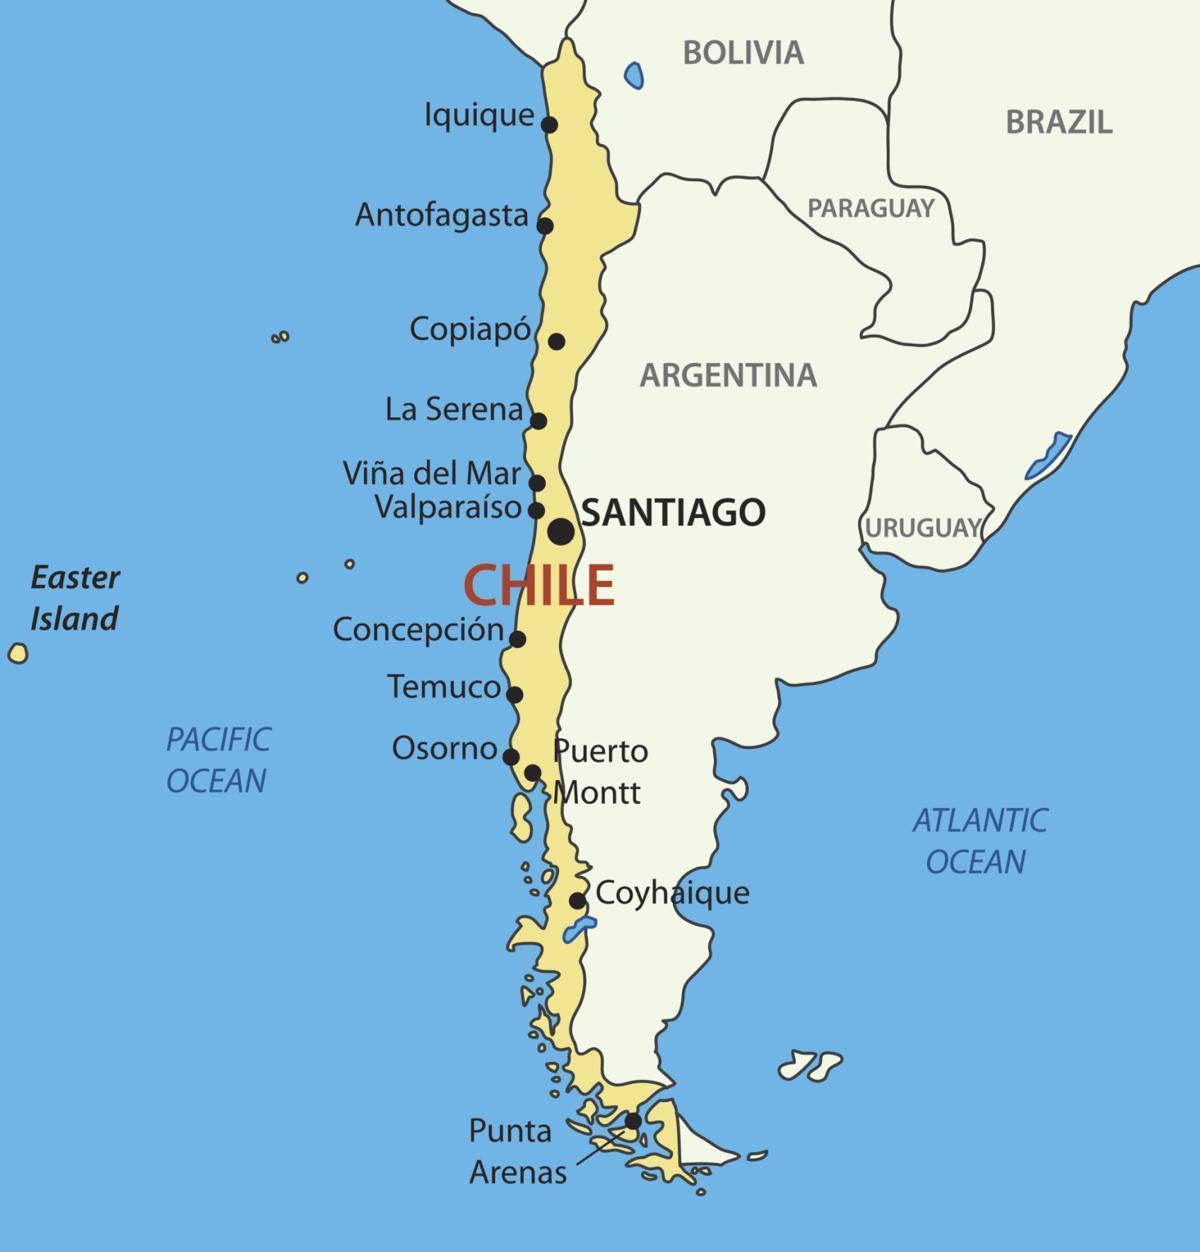 Chili, pays la carte - carte de Chili pays (Amérique du Sud - Amérique)